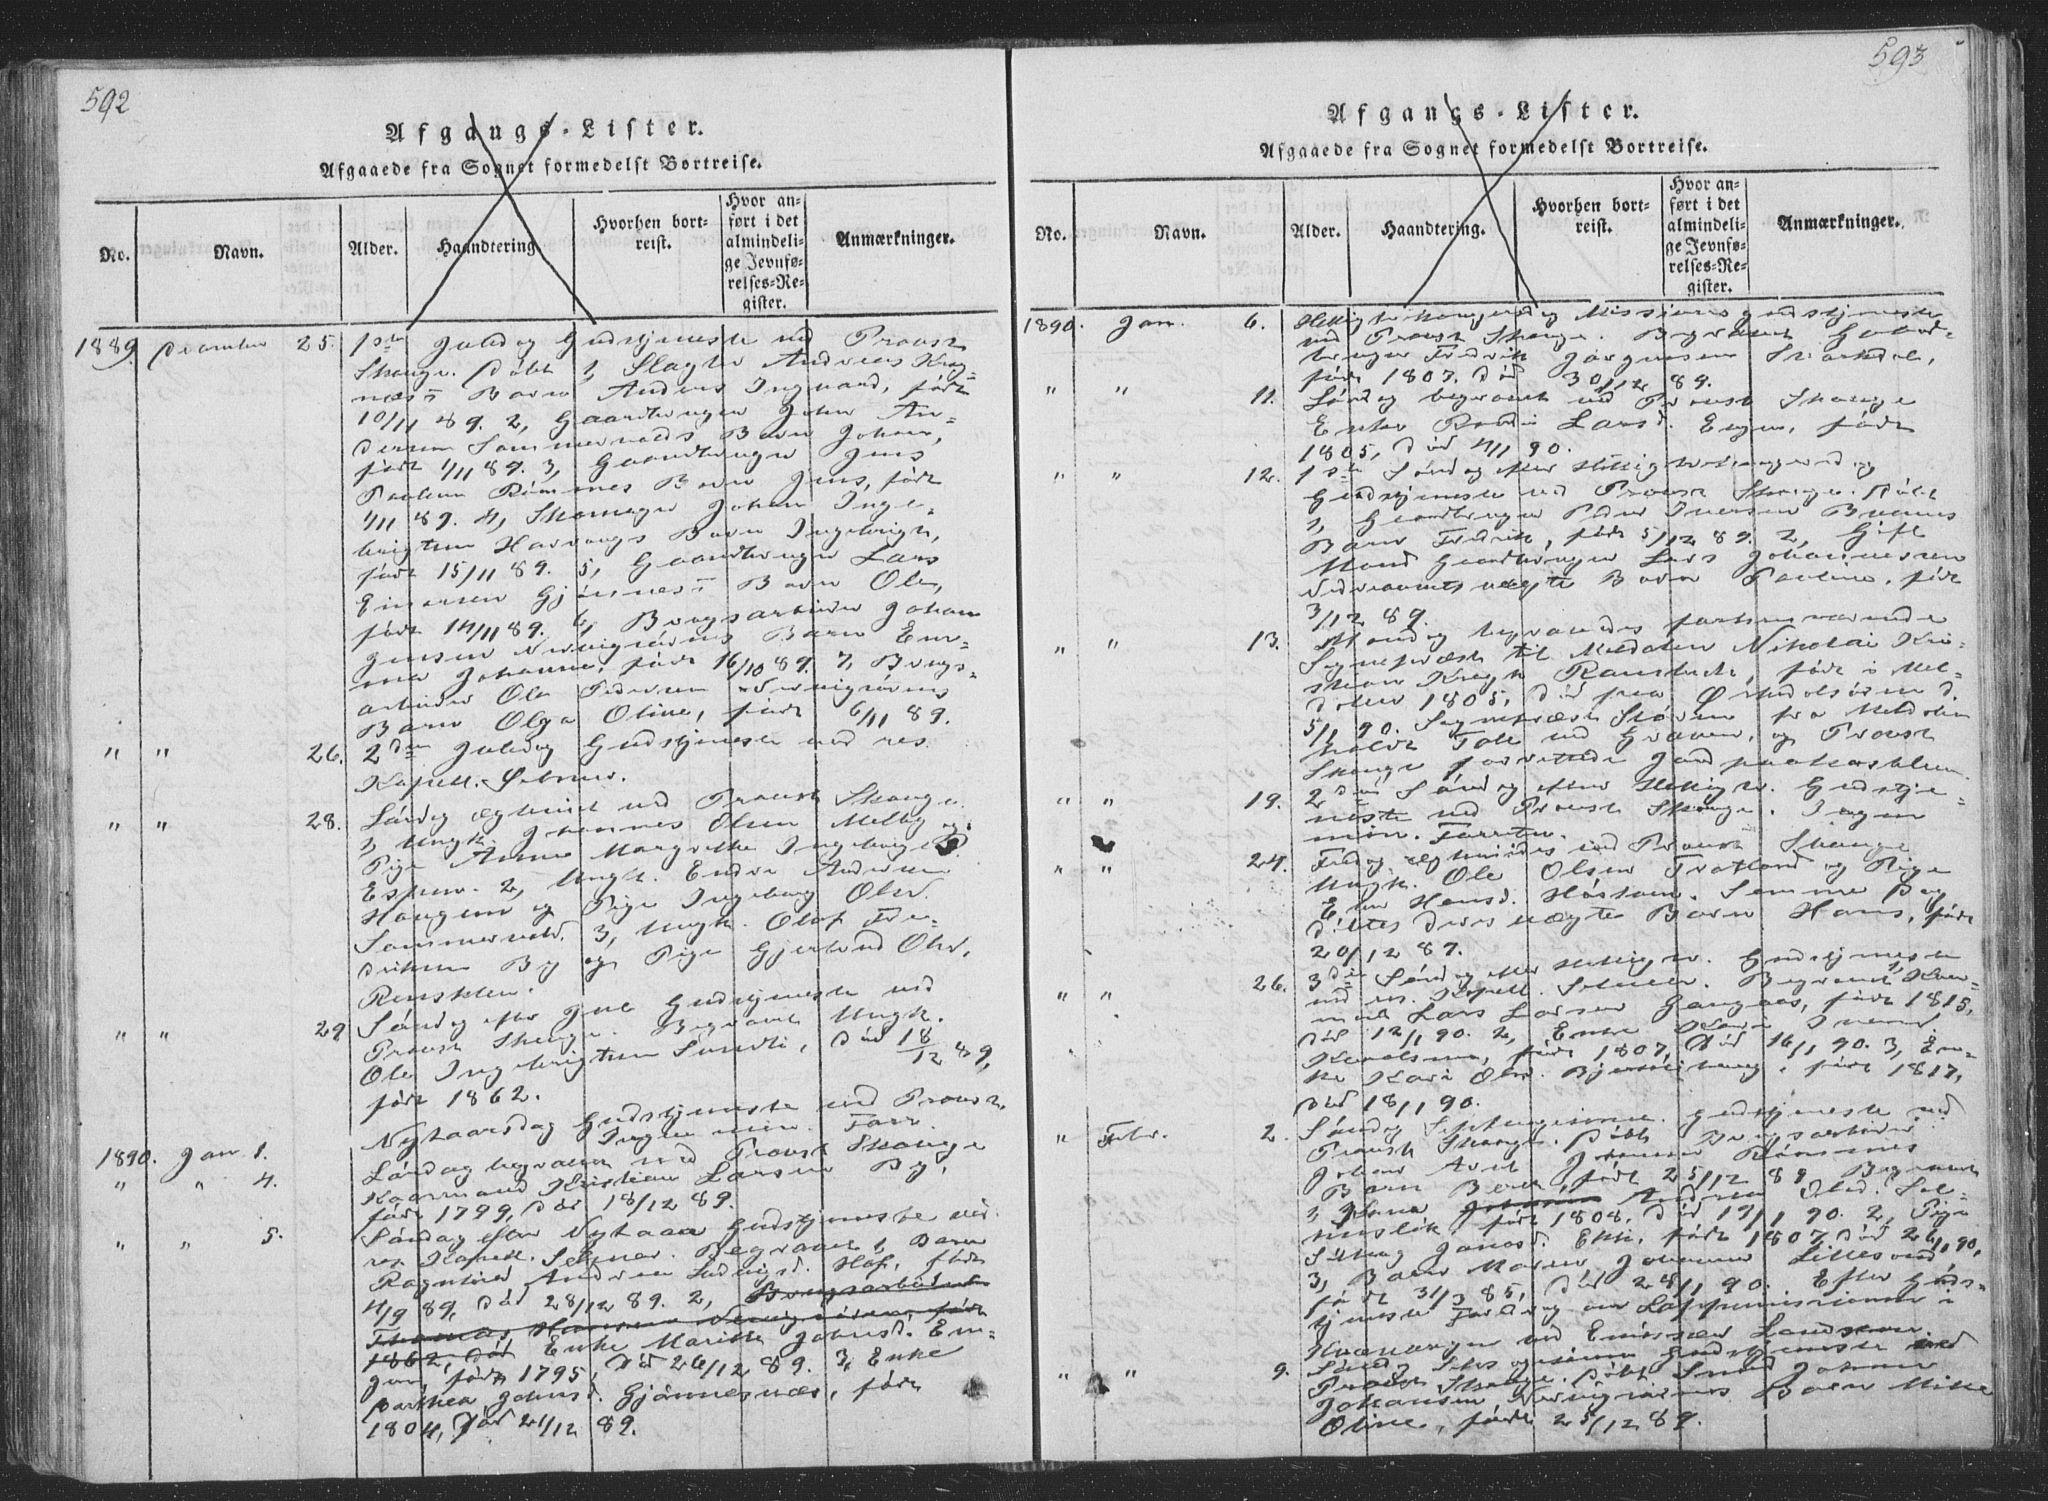 SAT, Ministerialprotokoller, klokkerbøker og fødselsregistre - Sør-Trøndelag, 668/L0816: Klokkerbok nr. 668C05, 1816-1893, s. 592-593